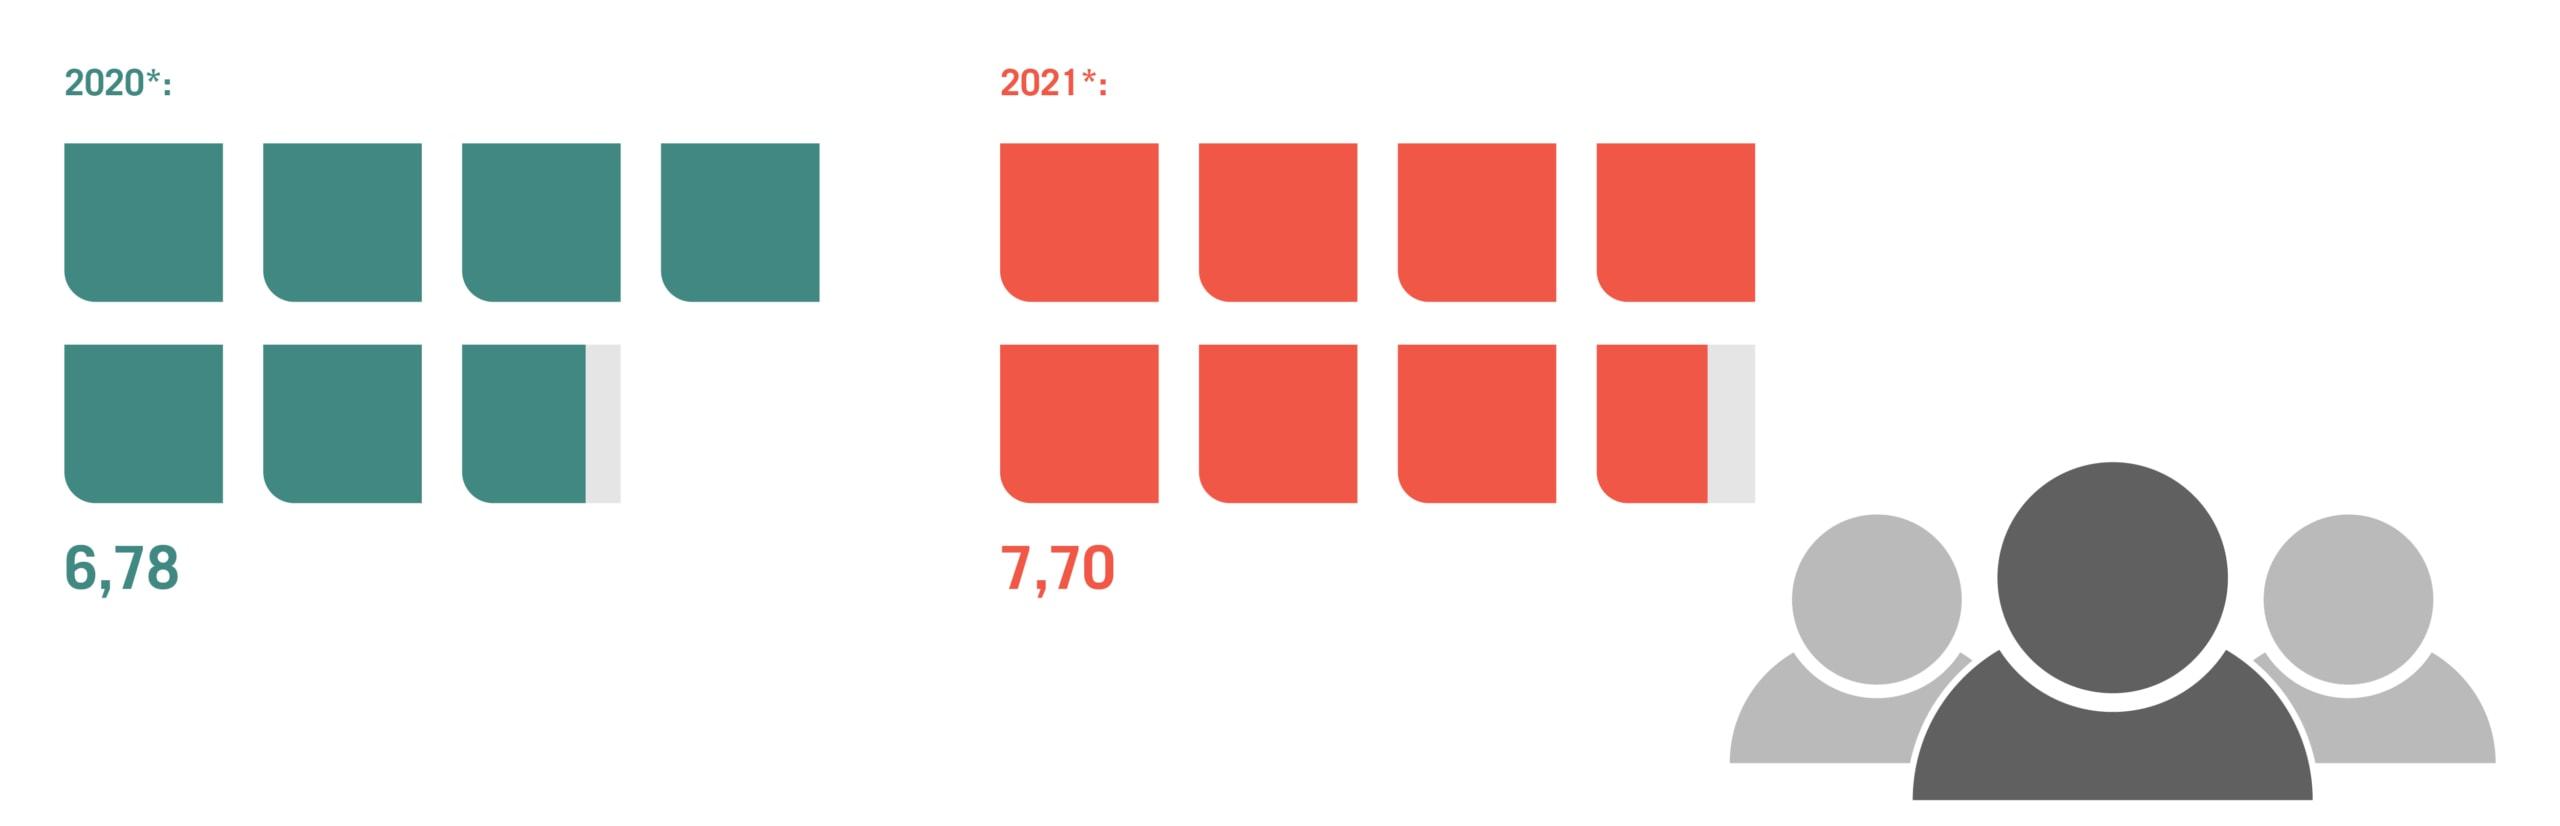 Marketing-Mitarbeiter im B2B im Jahresvergleich